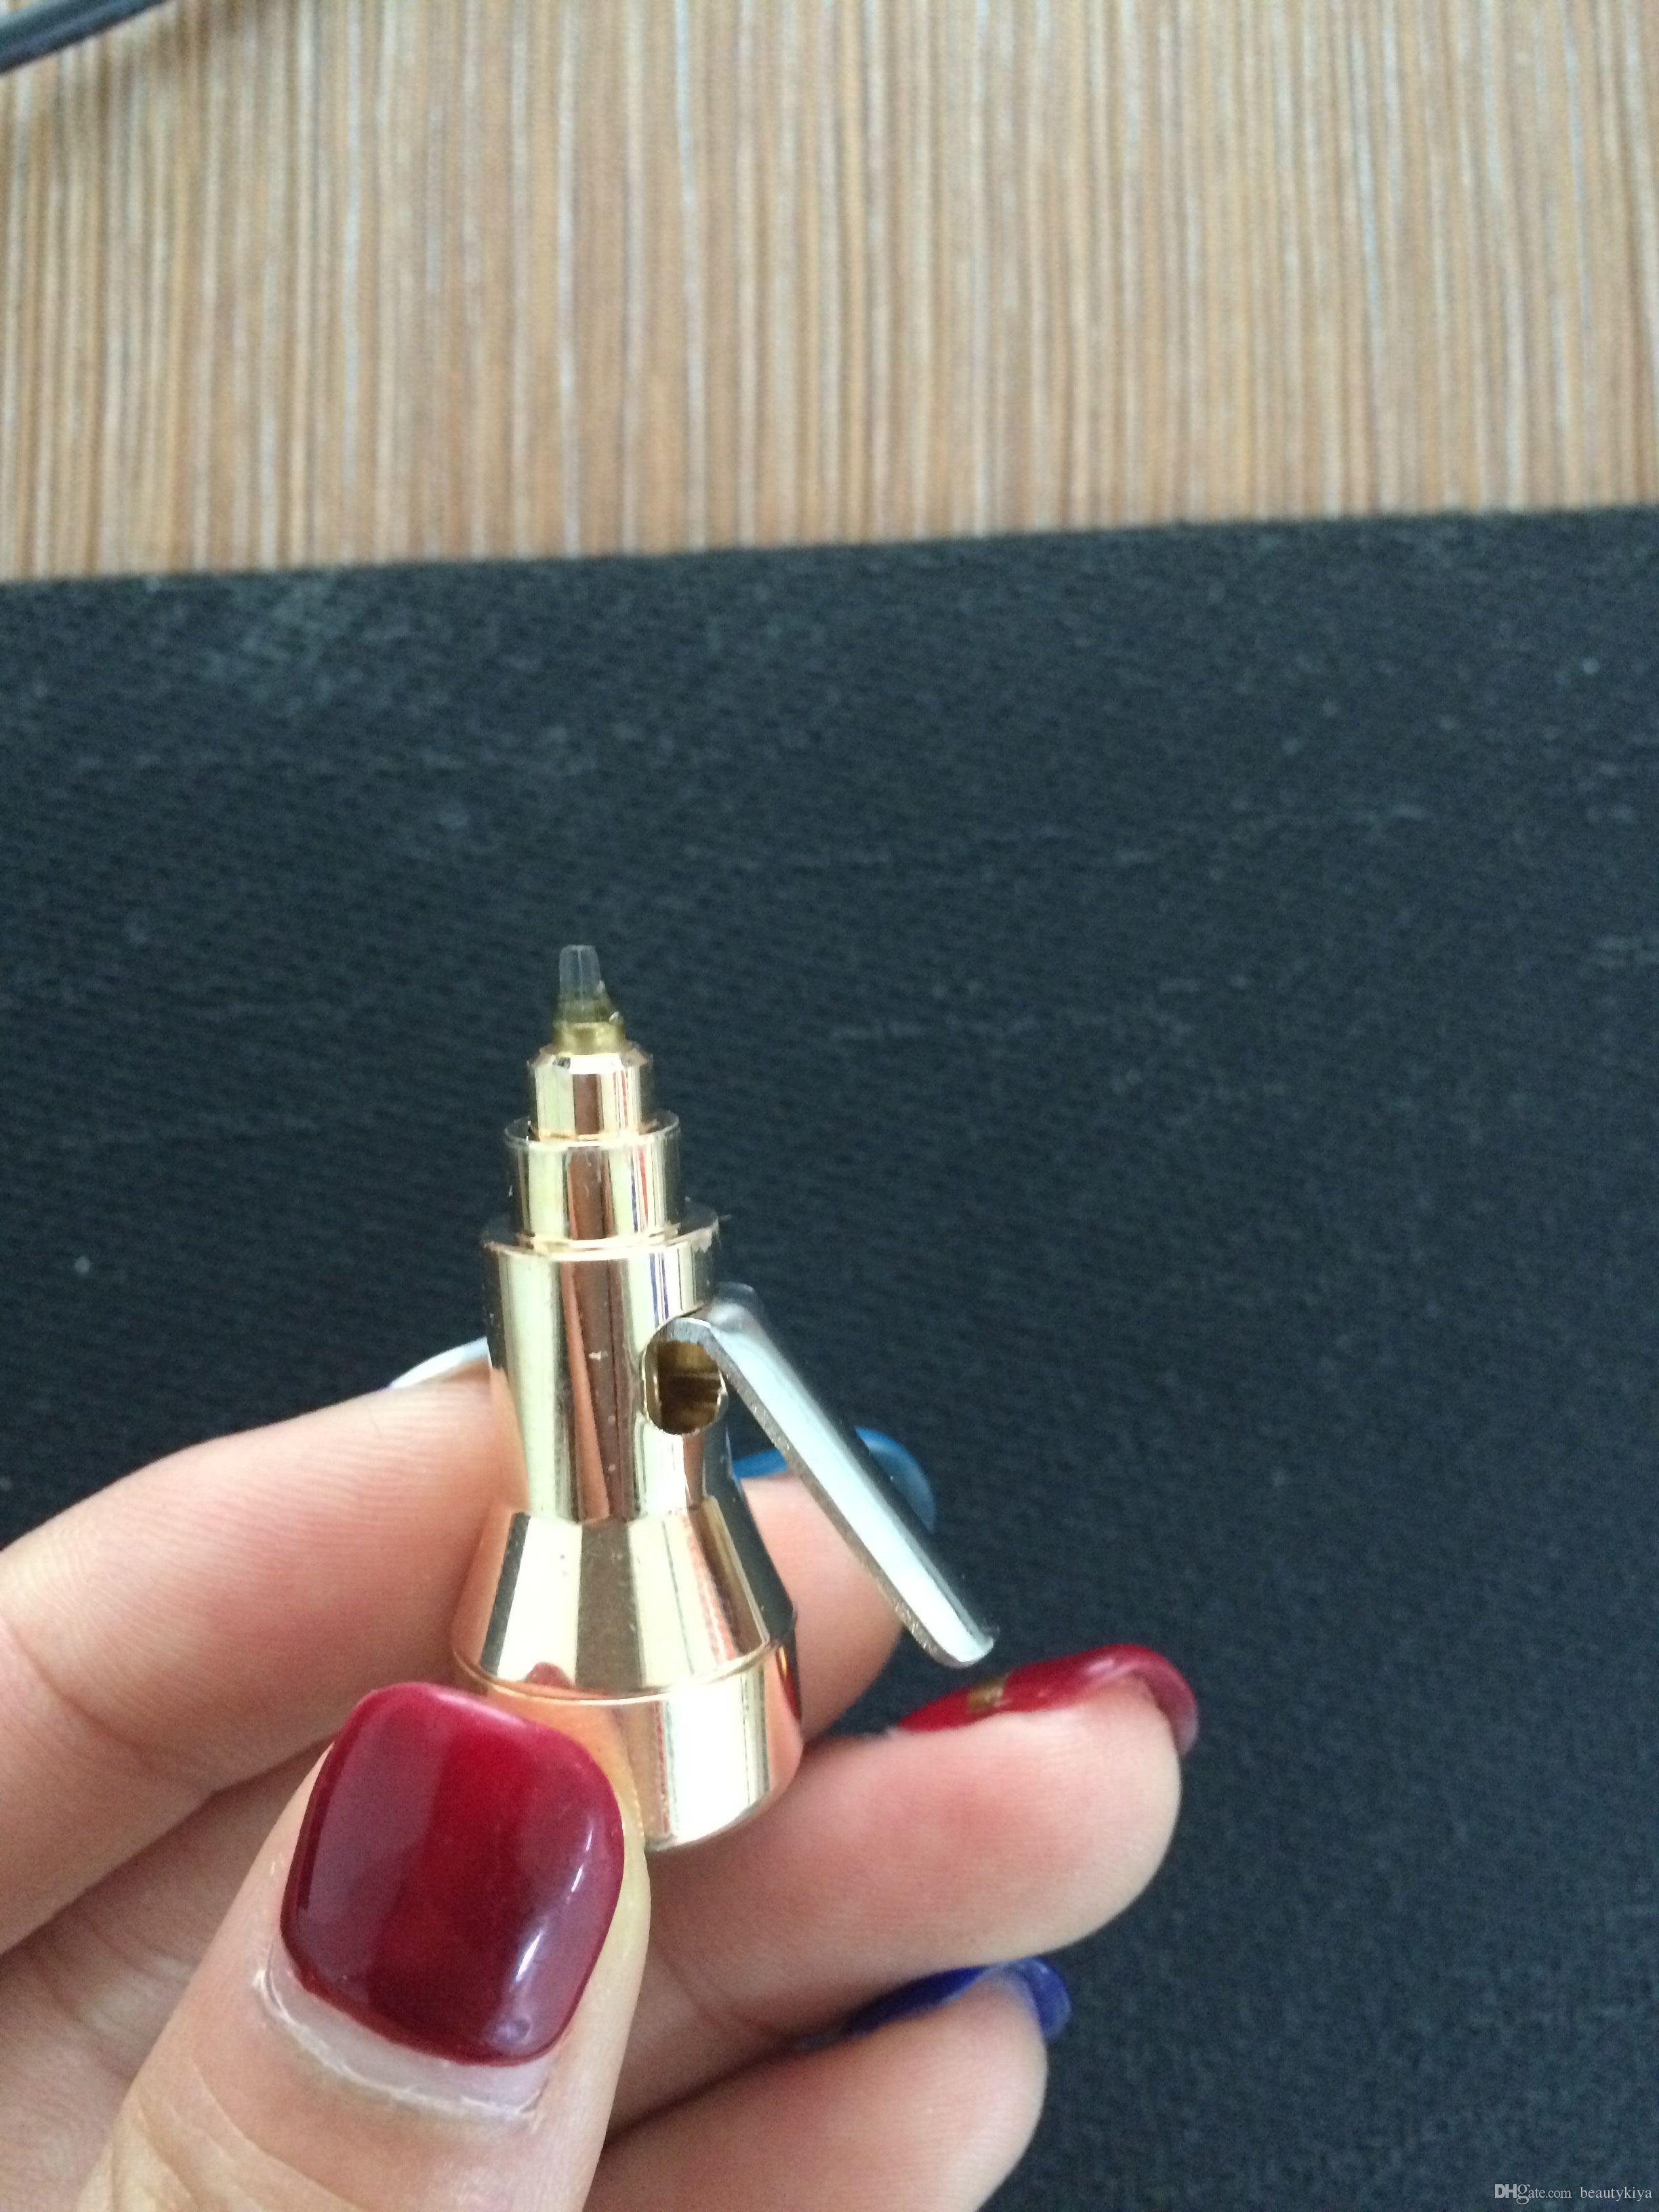 البرد القلم N2O خرطوشة الجلد الخلد إزالة القلم beautykiya الساخن بيع البرد القلم